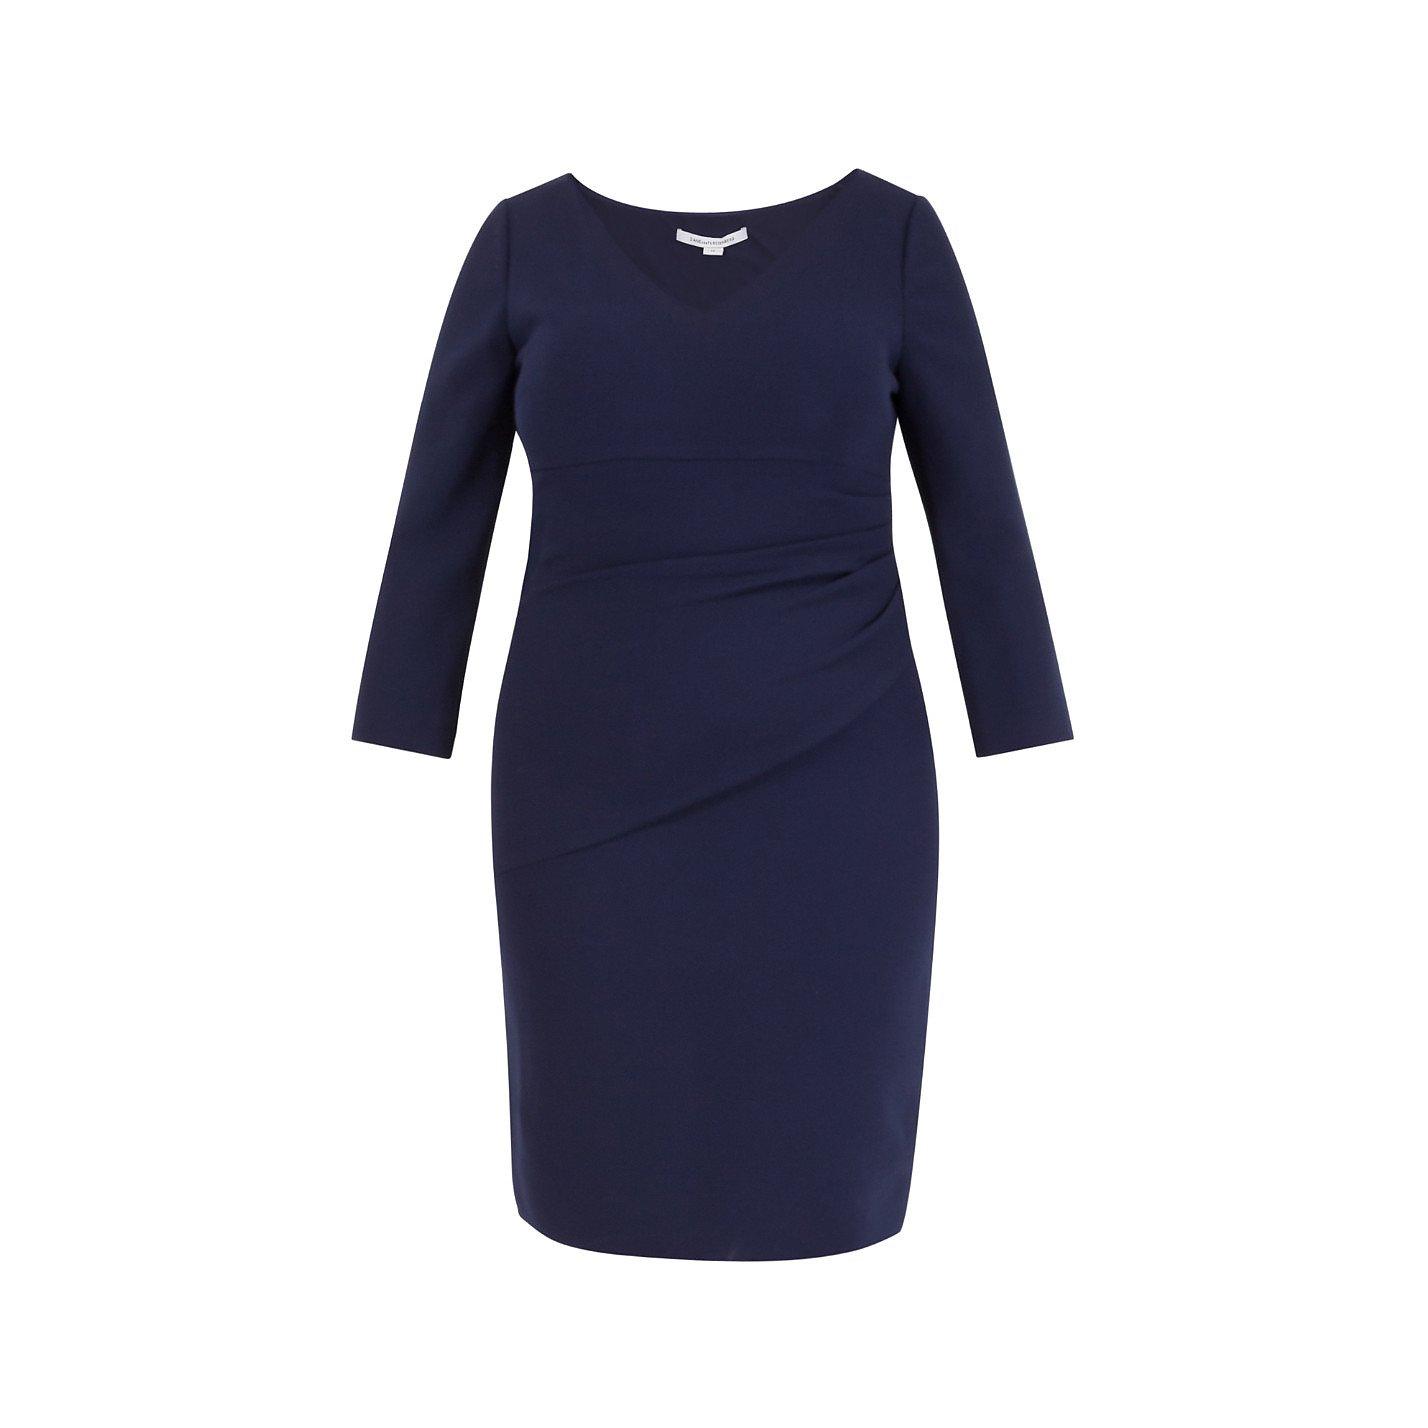 Diane von Furstenberg V-Neck Ruched Dress